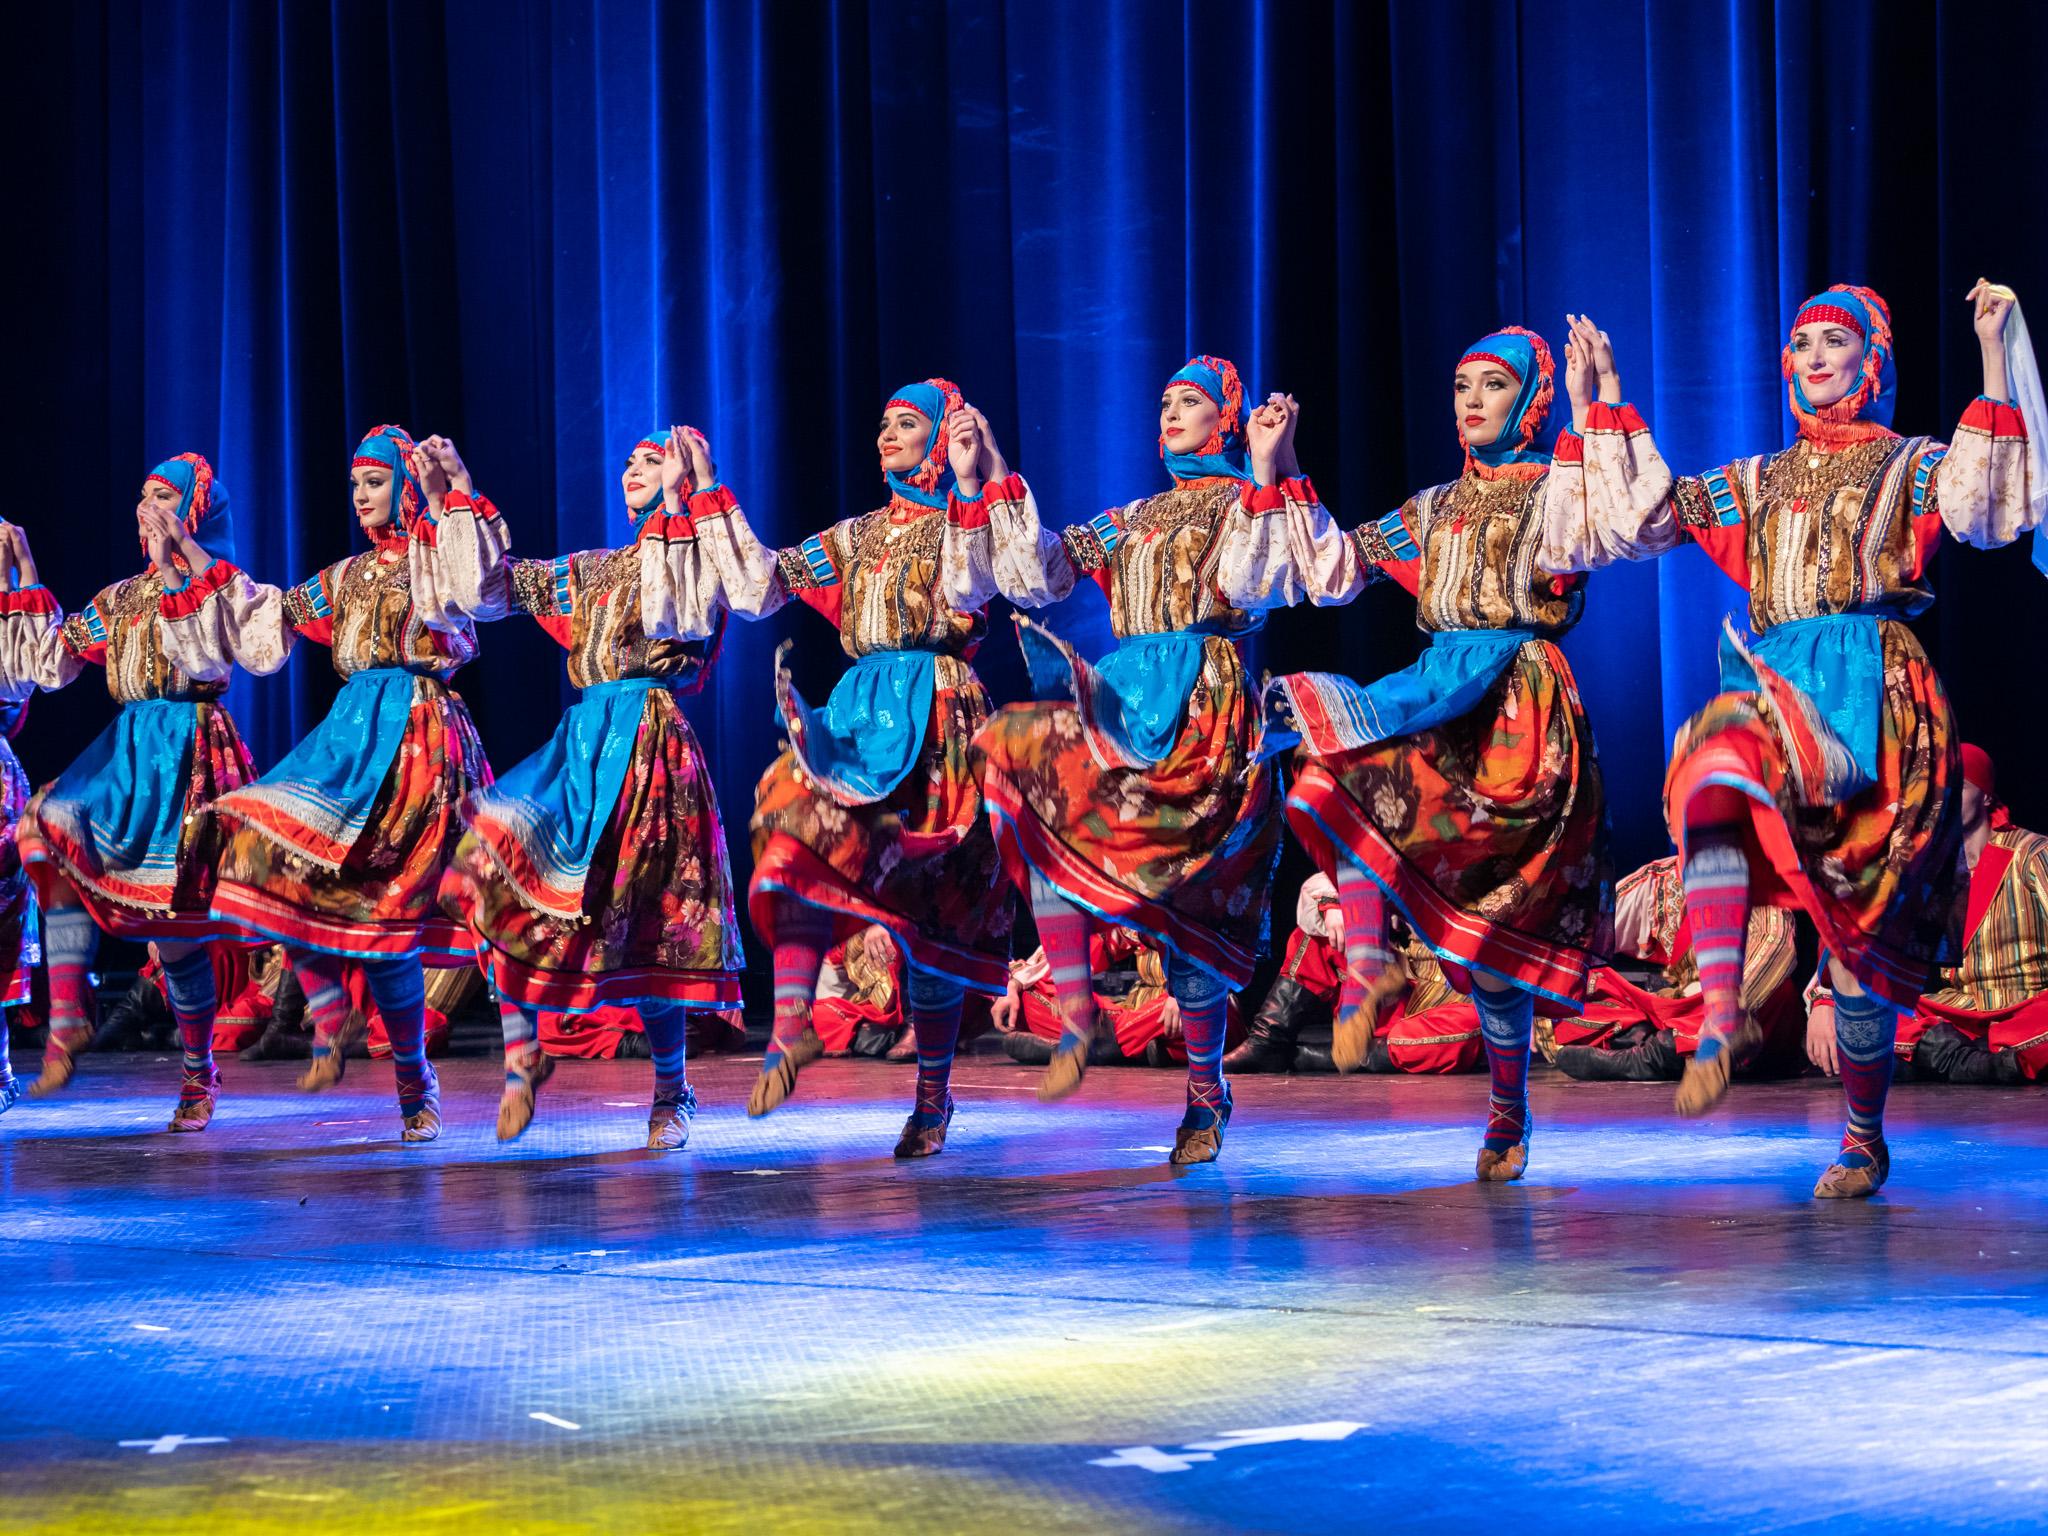 Най-старият музикално-танцов ансамбъл на Русия - световноизвестният Кубански казашки хор за първи път излезе пред българска публика.